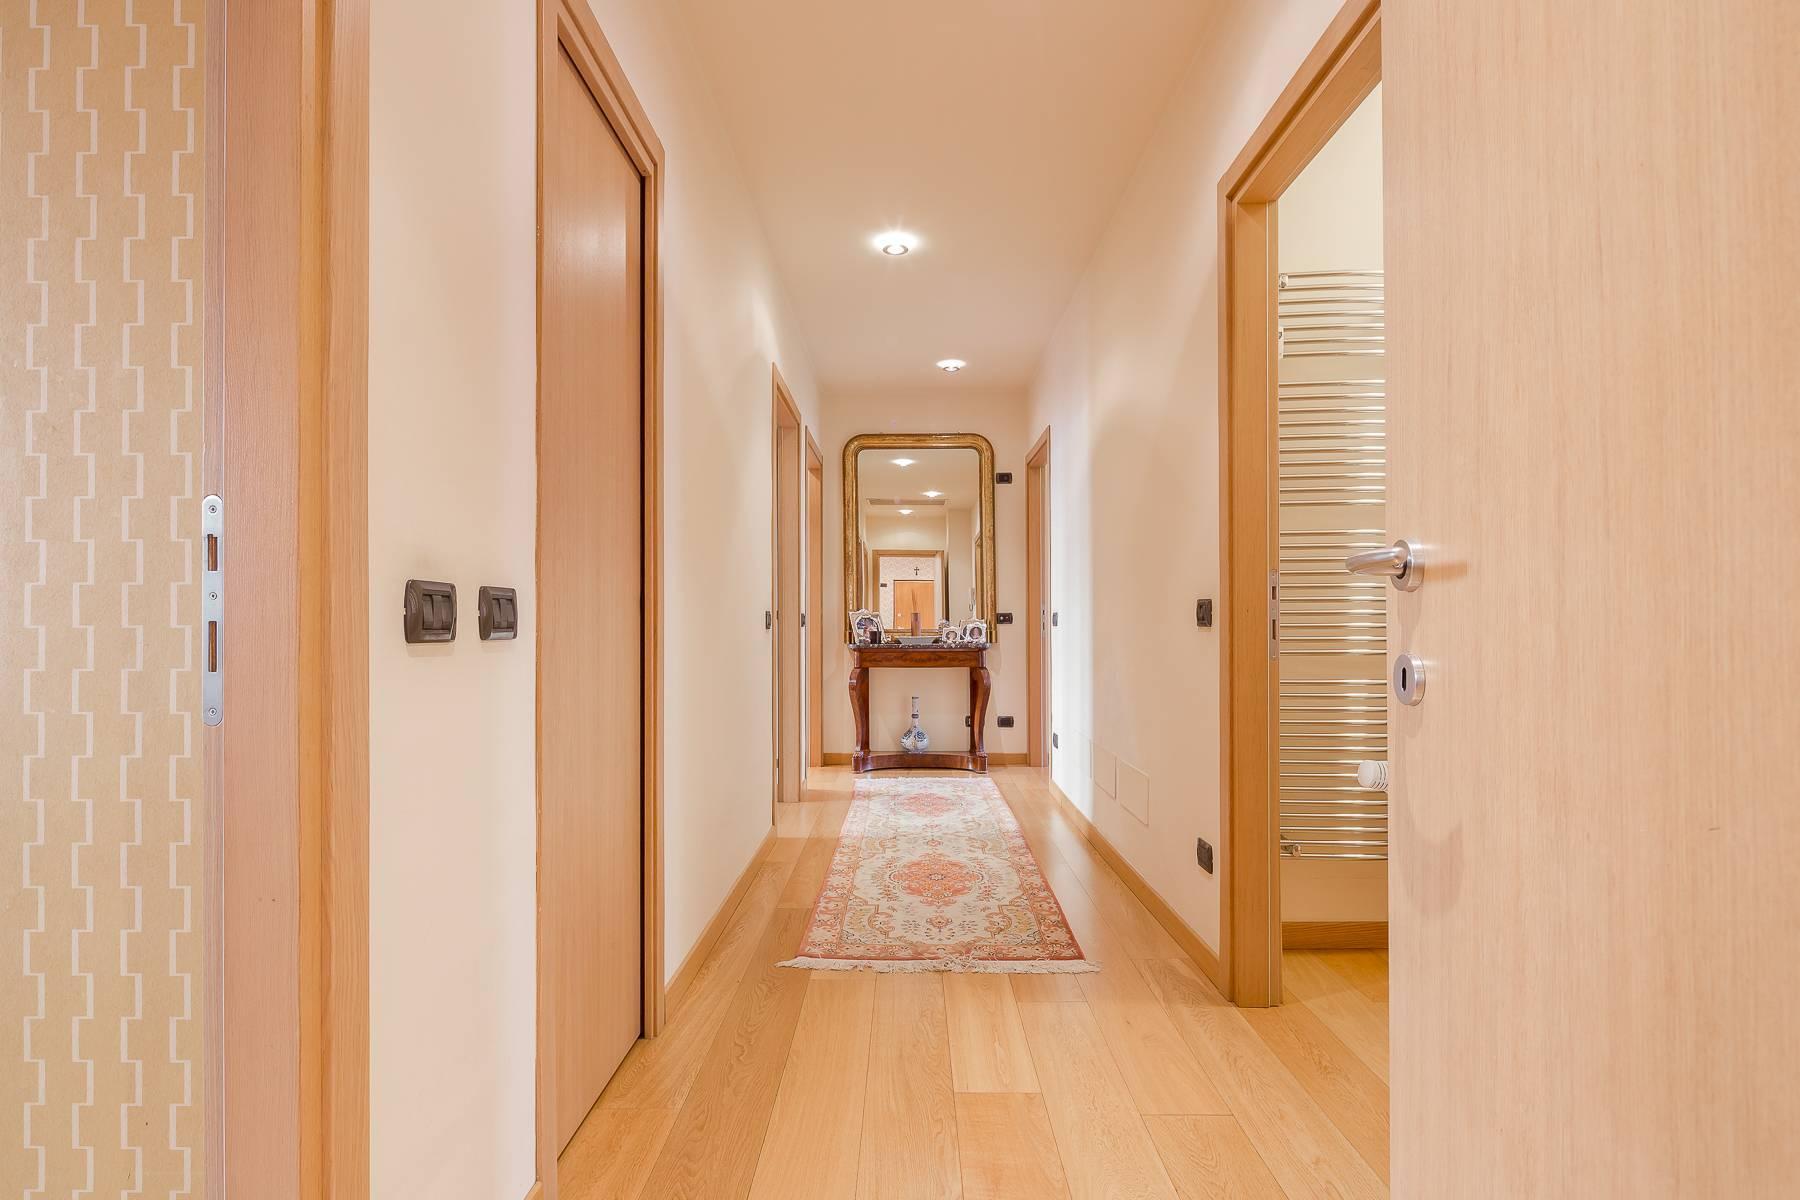 Appartement de style classique situé Via Besana - 18